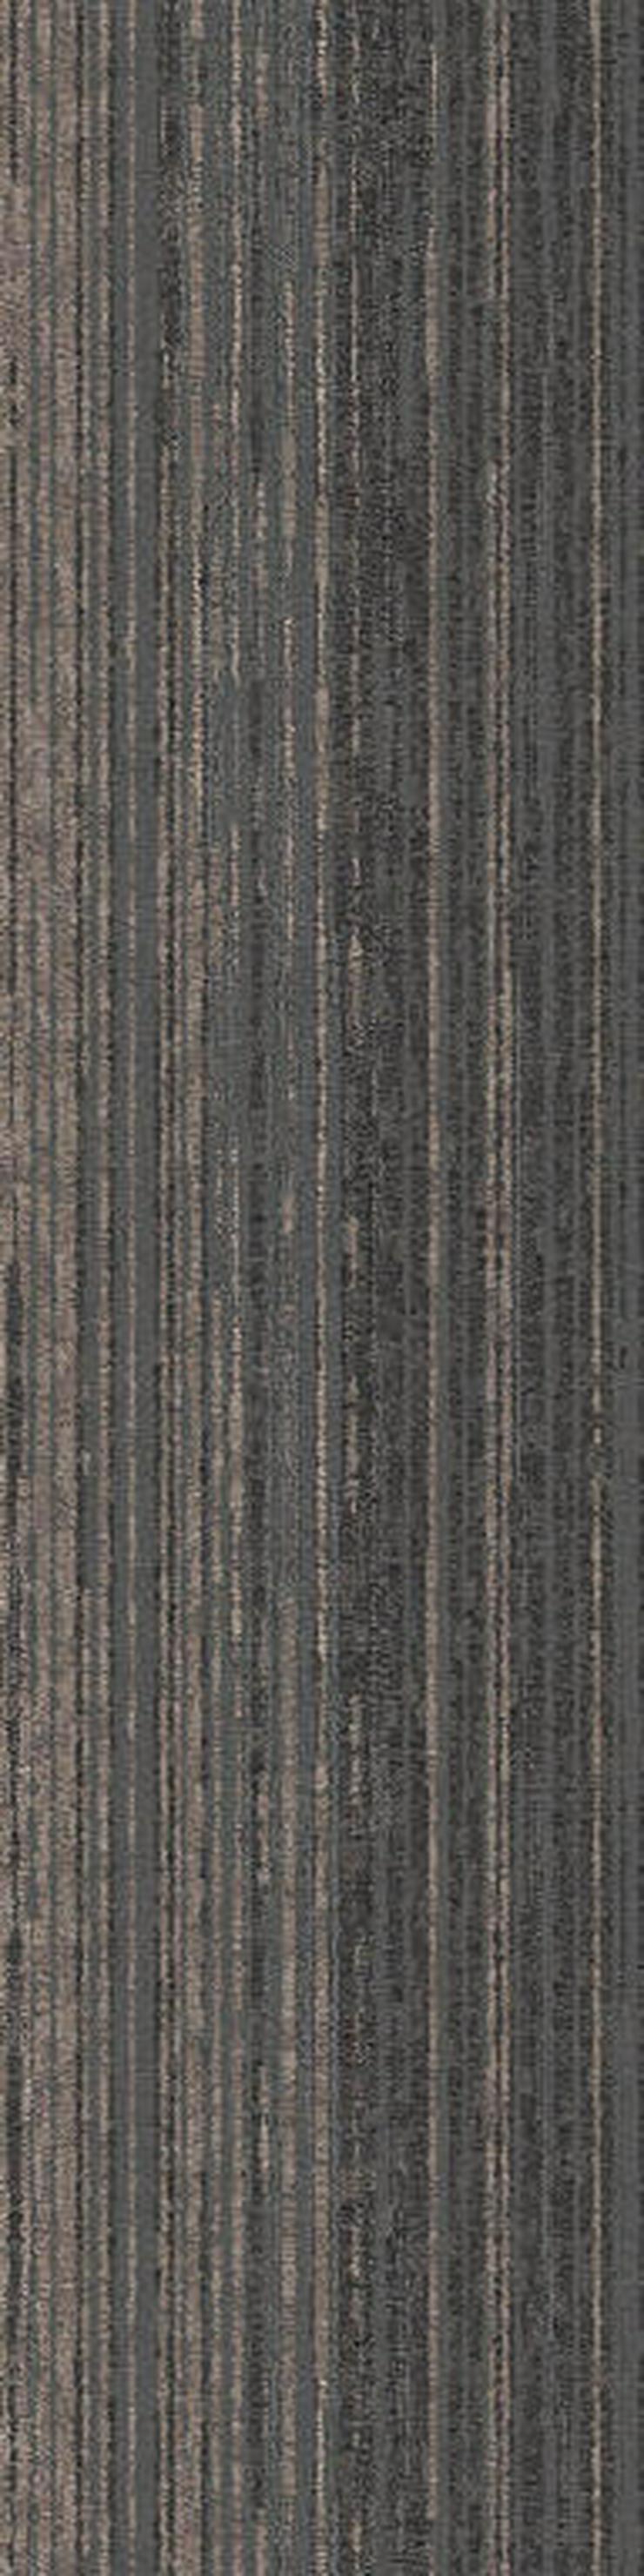 Bild 5: Schöne leichte 25X100cm Teppichfliesen. Auch in anderen Farben